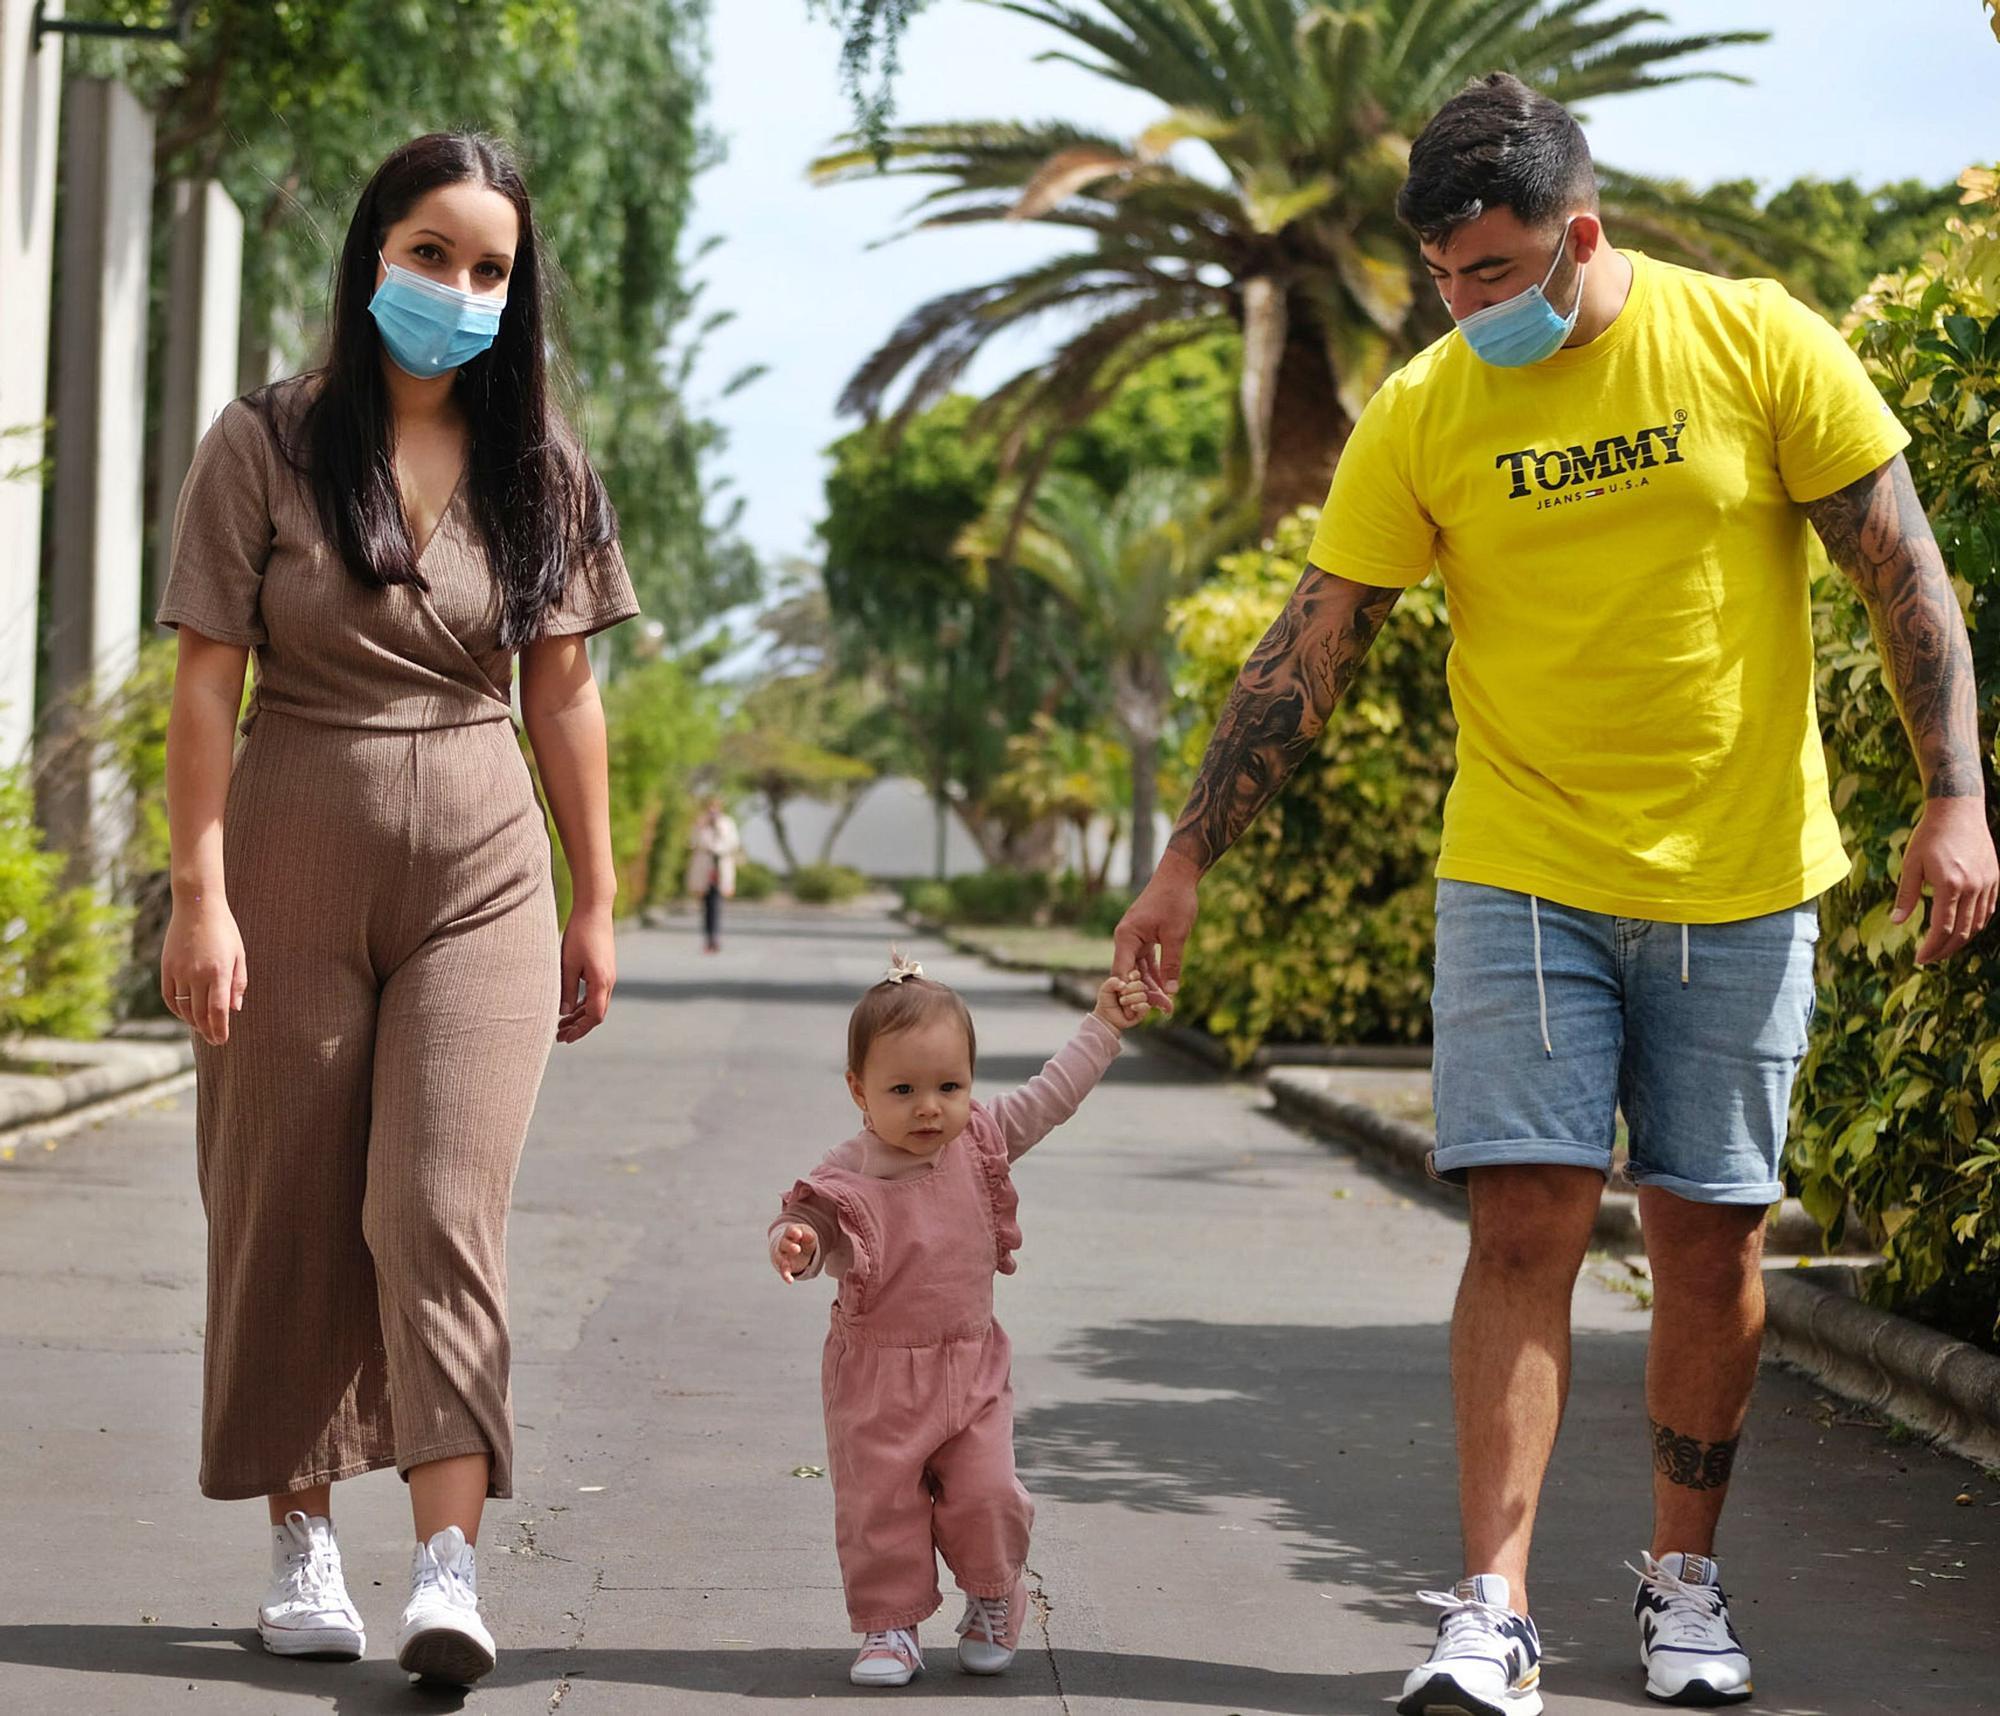 En el centro, la pequeña Valeria Benítez Sastre, agarrada de la mano de sus padres, Covadonga Sastre y Kioma Benítez, en el parque San Juan de Telde. | | JOSÉ CARLOS GUERRA